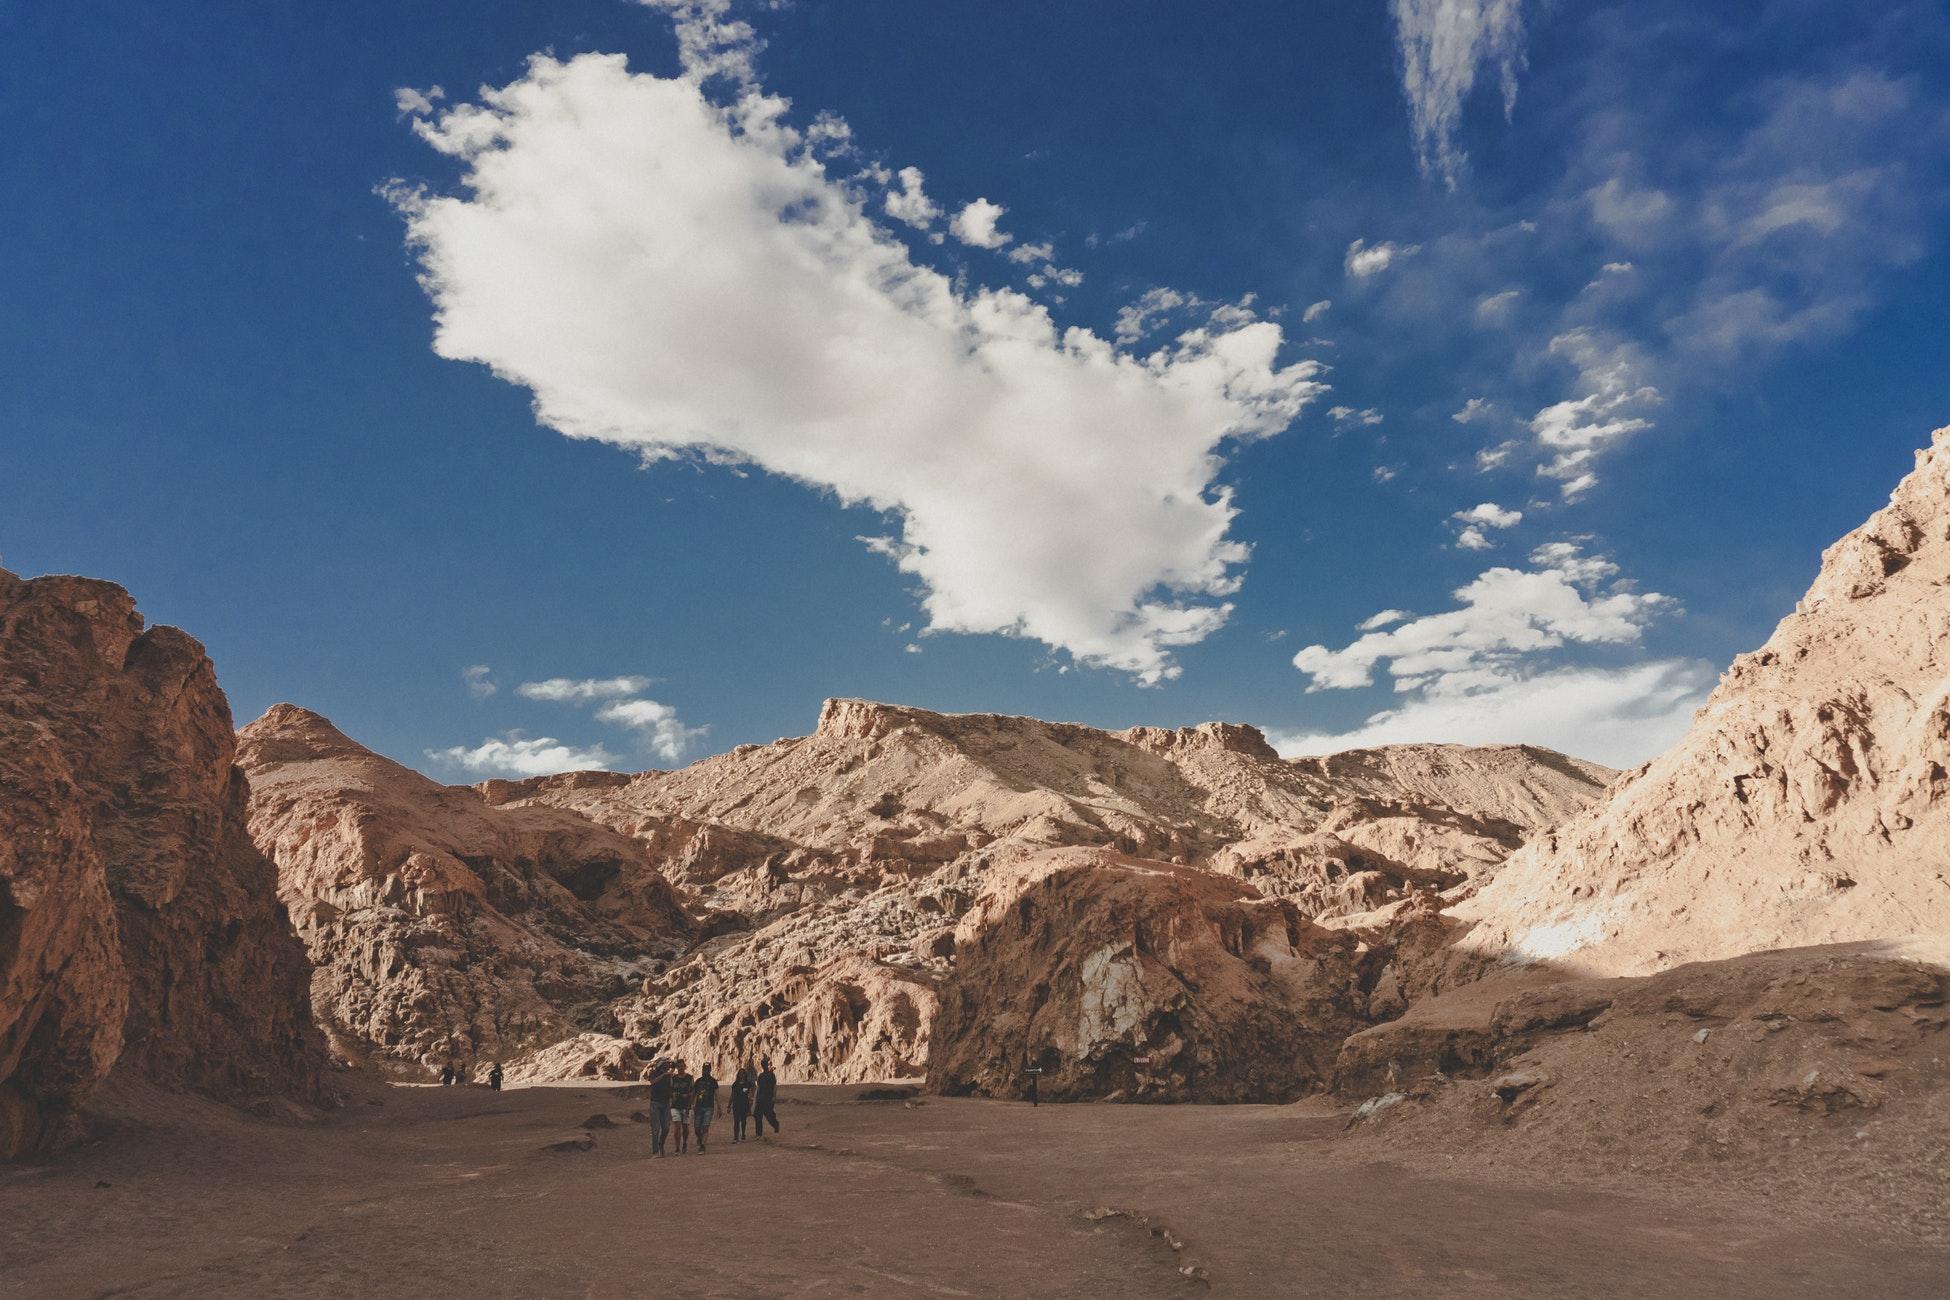 Men walking around in desert under blue sky.